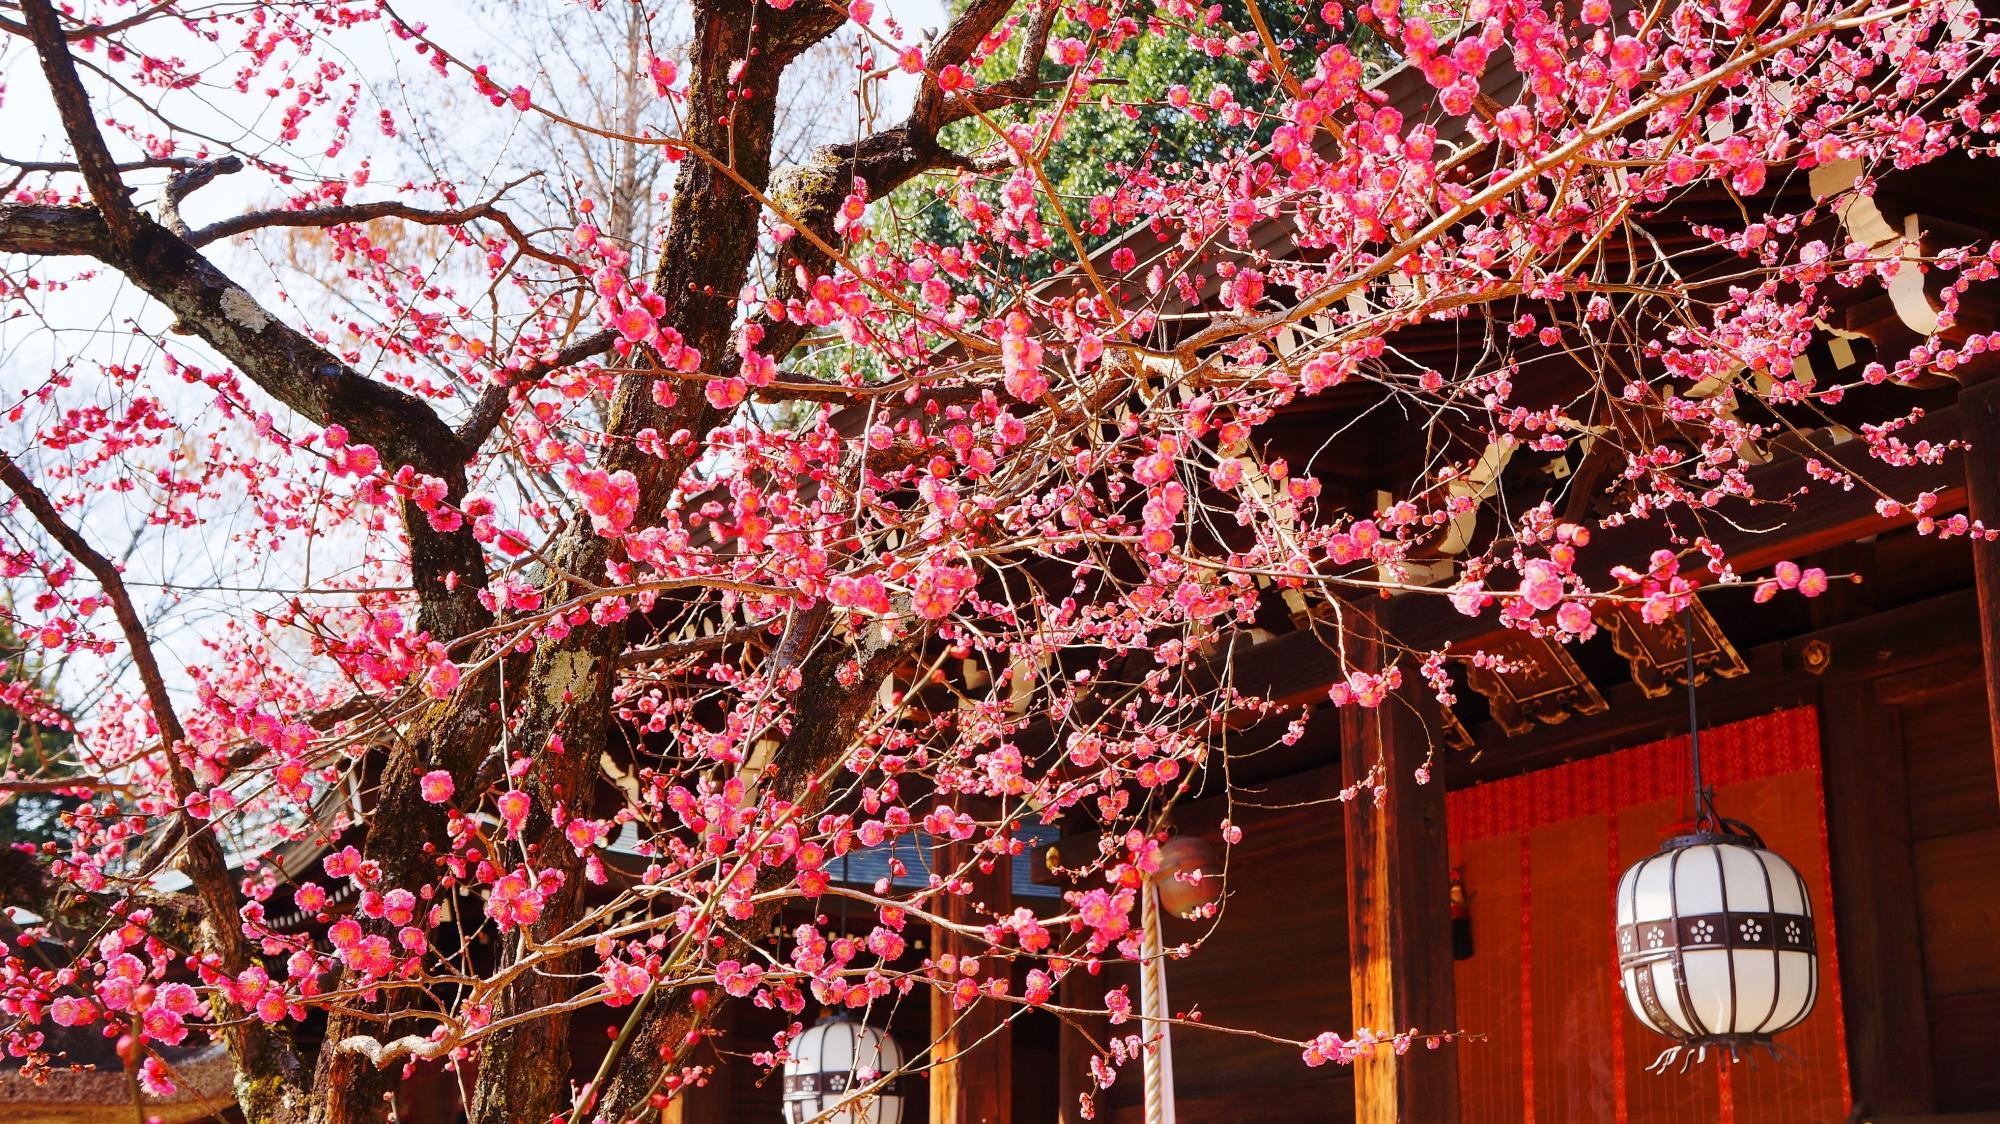 一夜松社を彩るピンクの華やかな梅の花